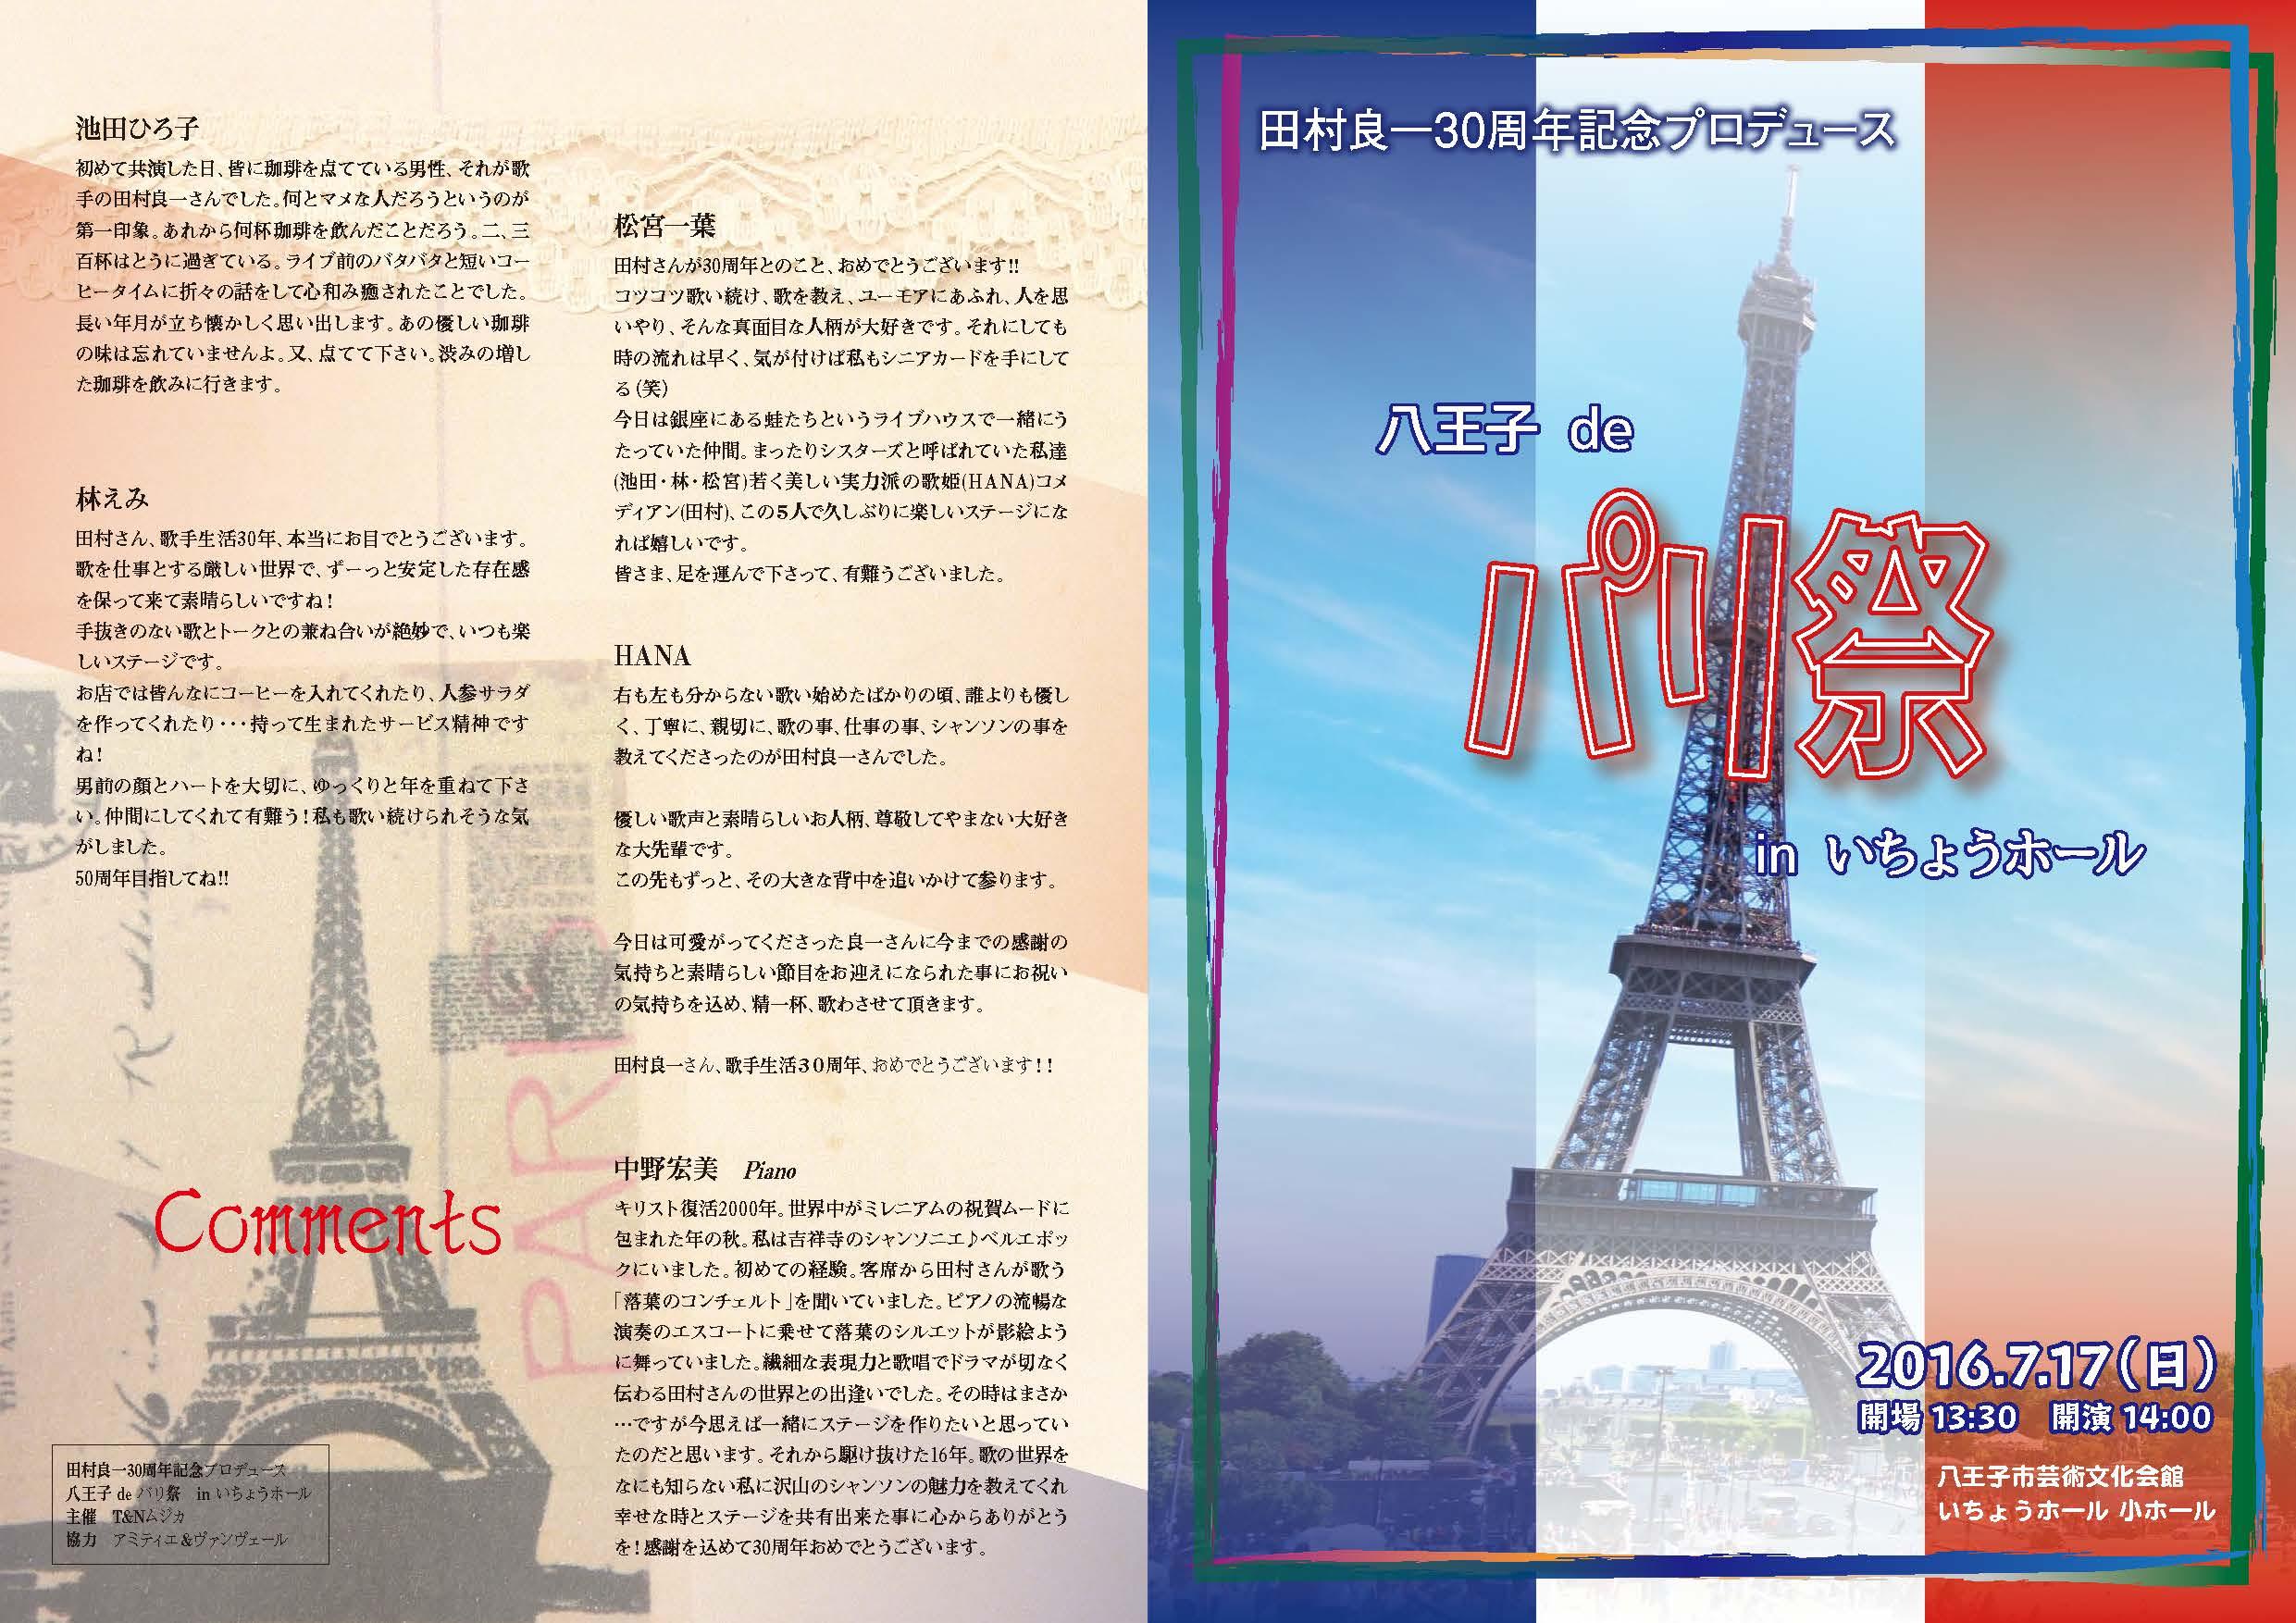 『田村良一30周年コンサート』プログラム(2016)